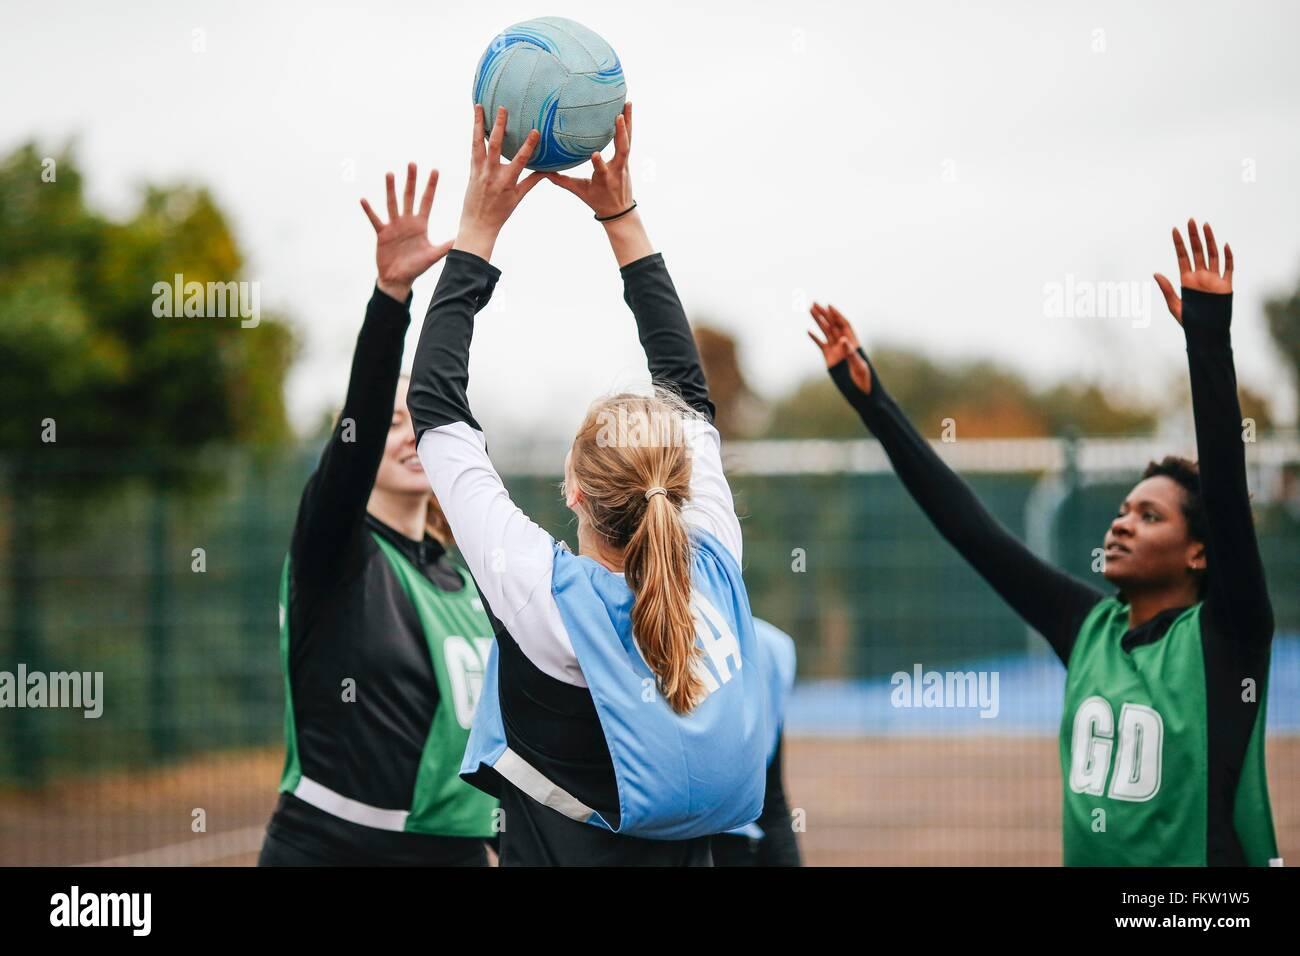 Femmina team netball gettando sulla sfera di netball corte Immagini Stock